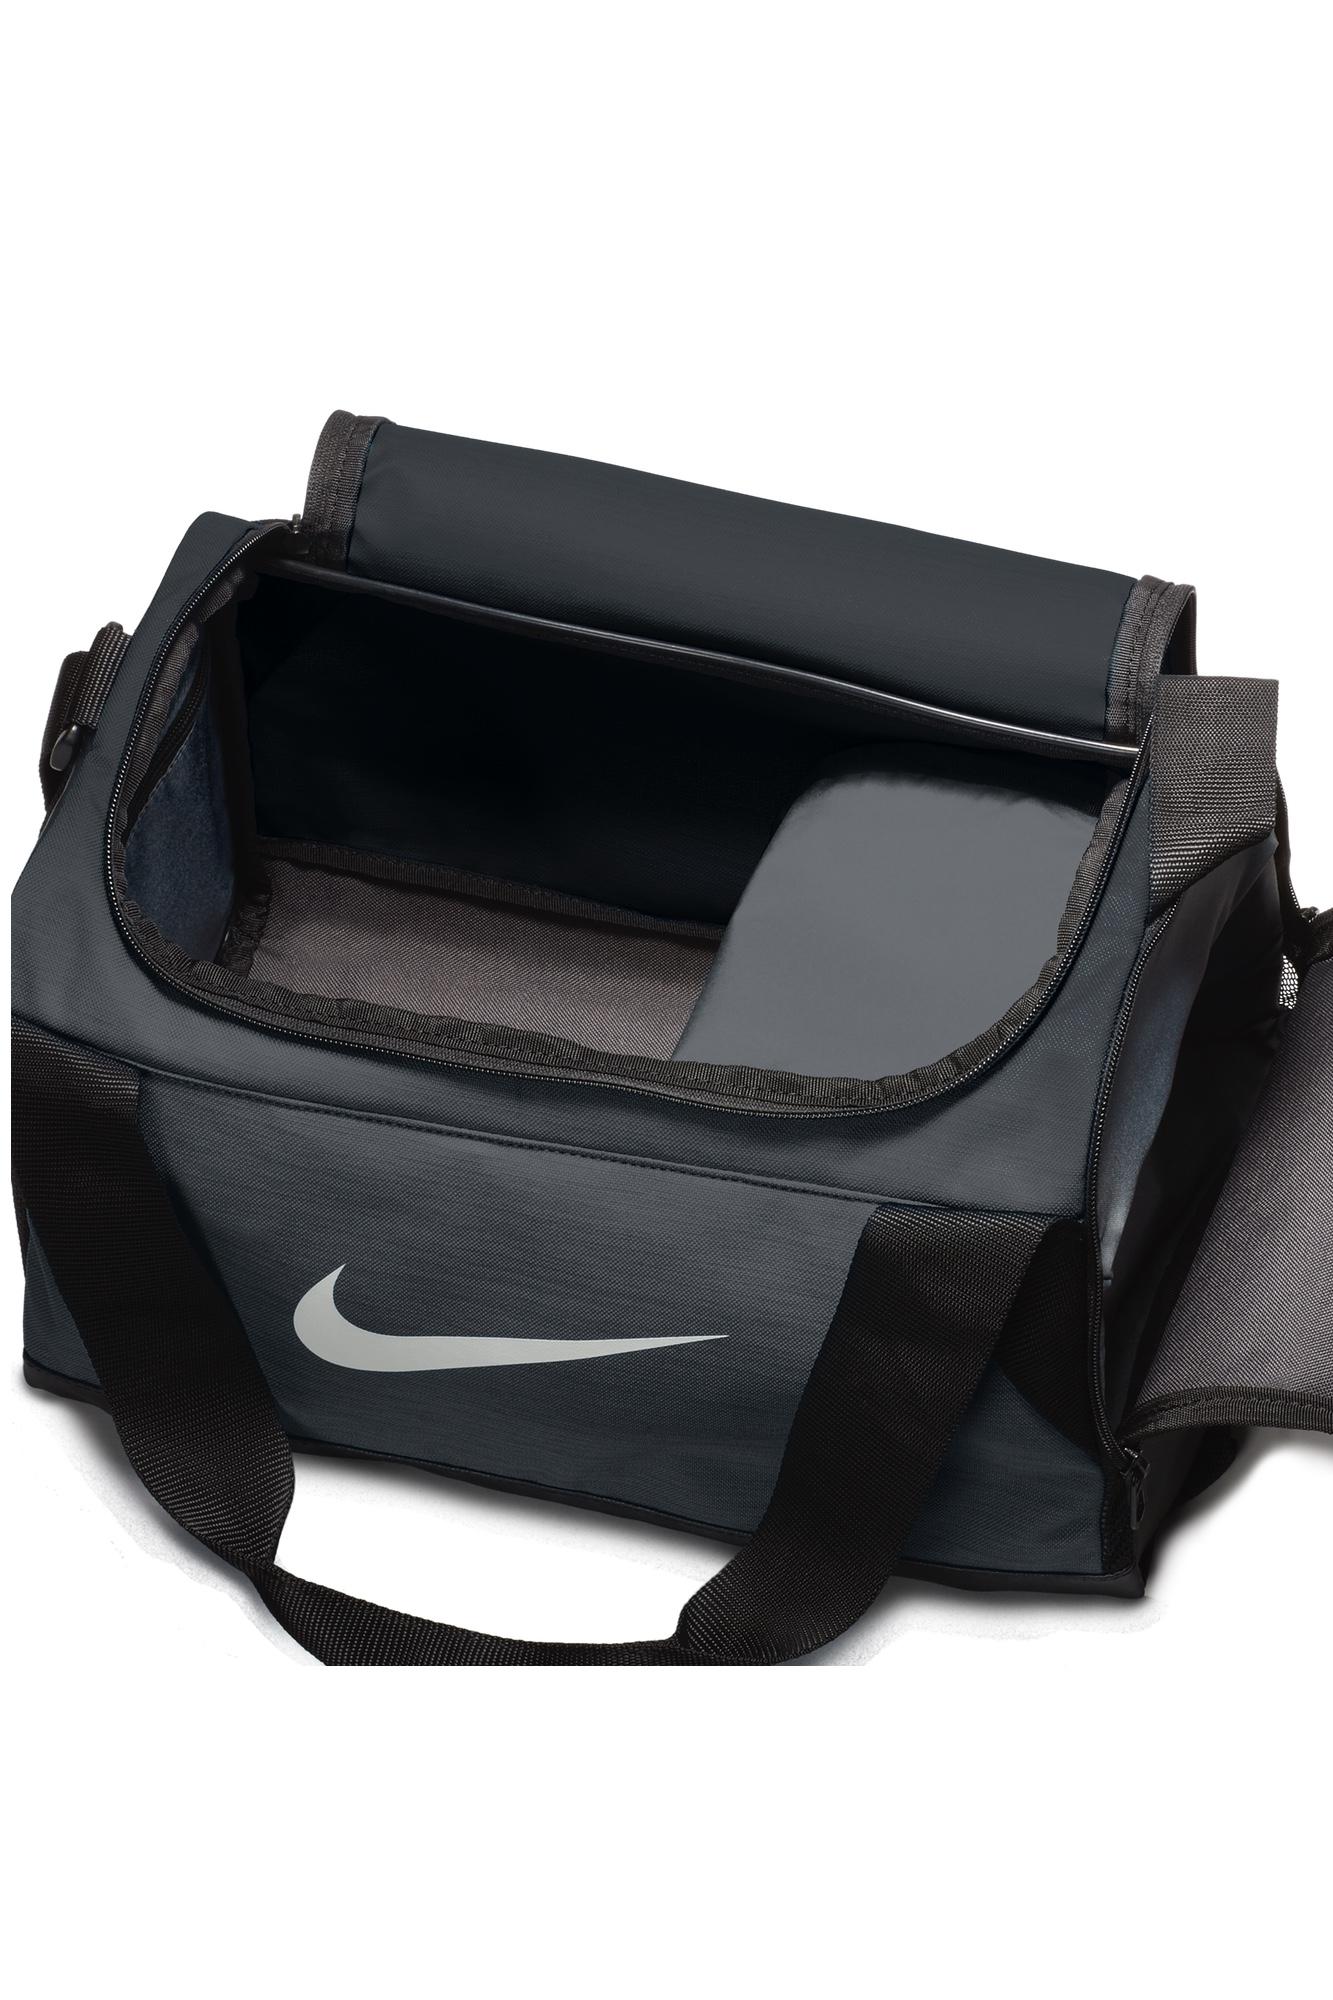 6c896ee688b40 Torba Nike Brasilia XS Duffel - BA5432-010 / Torby / Akcesoria ...